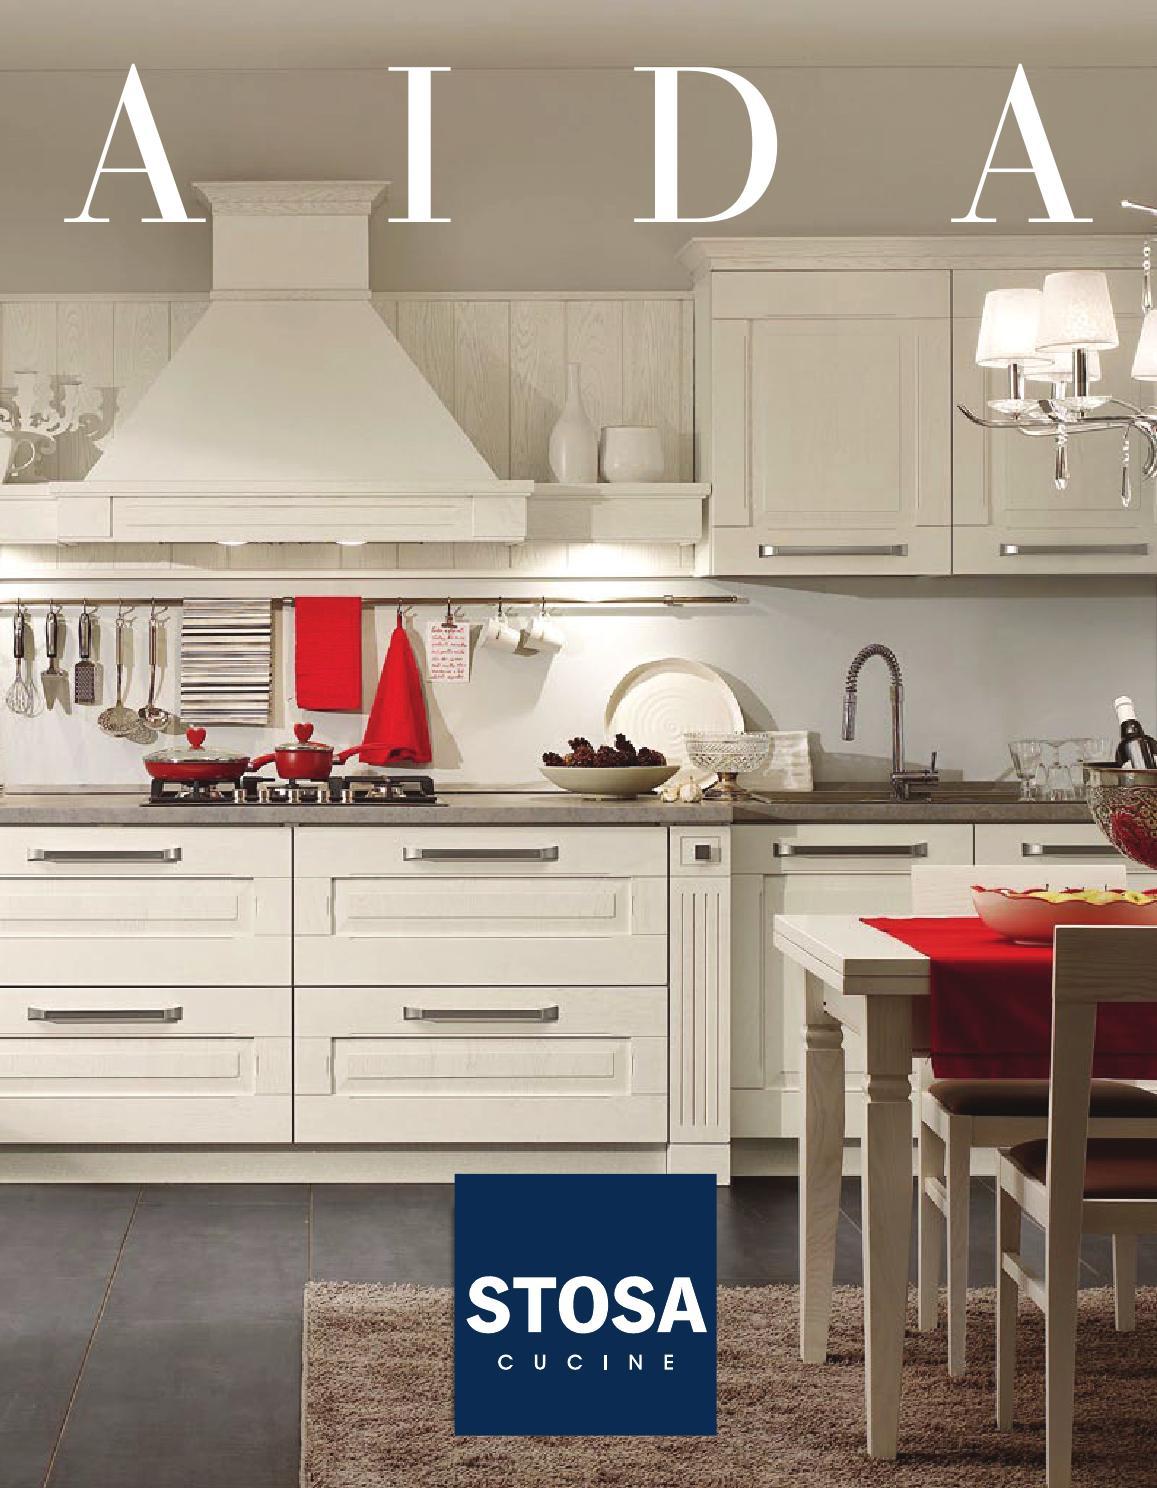 Catalogo cucine classiche stosa aida by stosa cucine issuu for Catalogo cucine